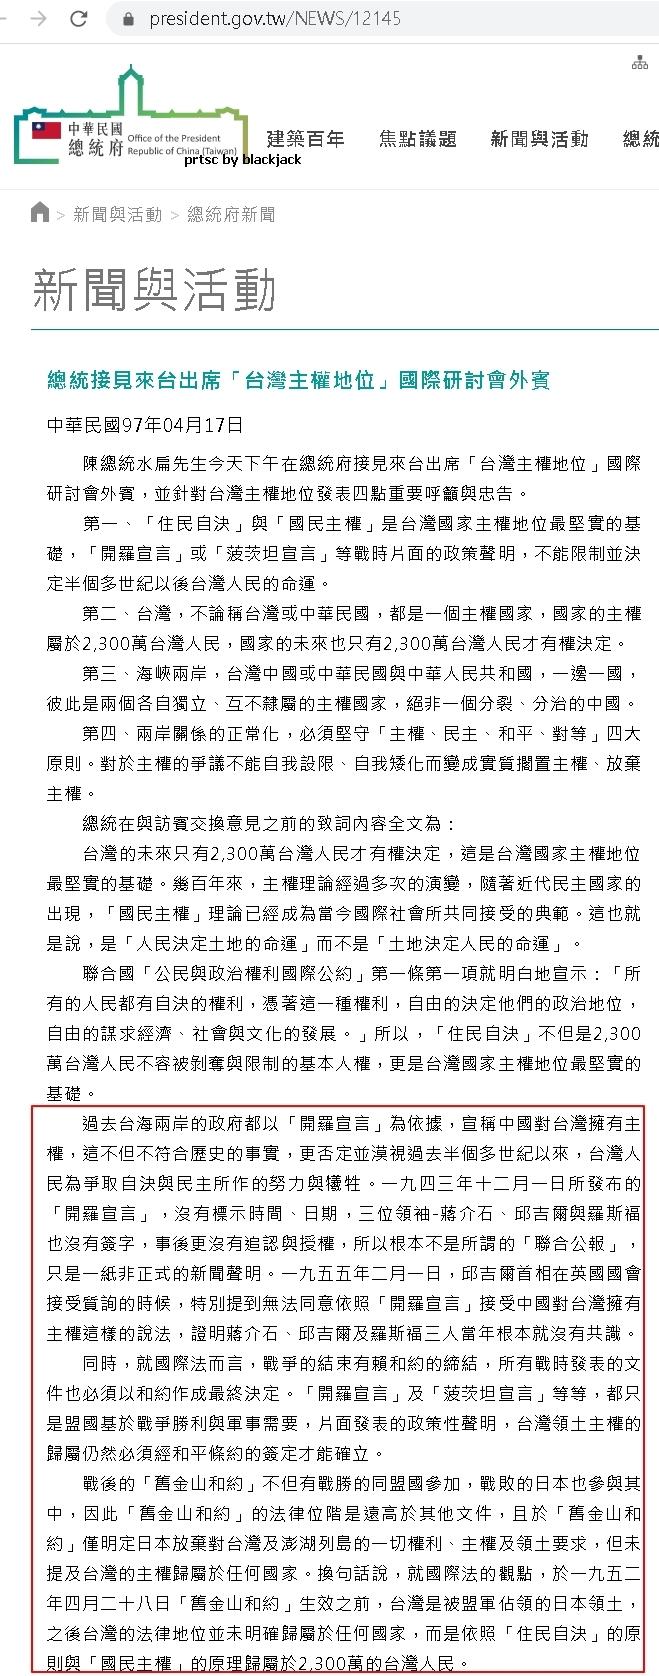 陳水扁主張「開羅宣言只是一紙非正式的新聞聲明」翻攝總統府網站